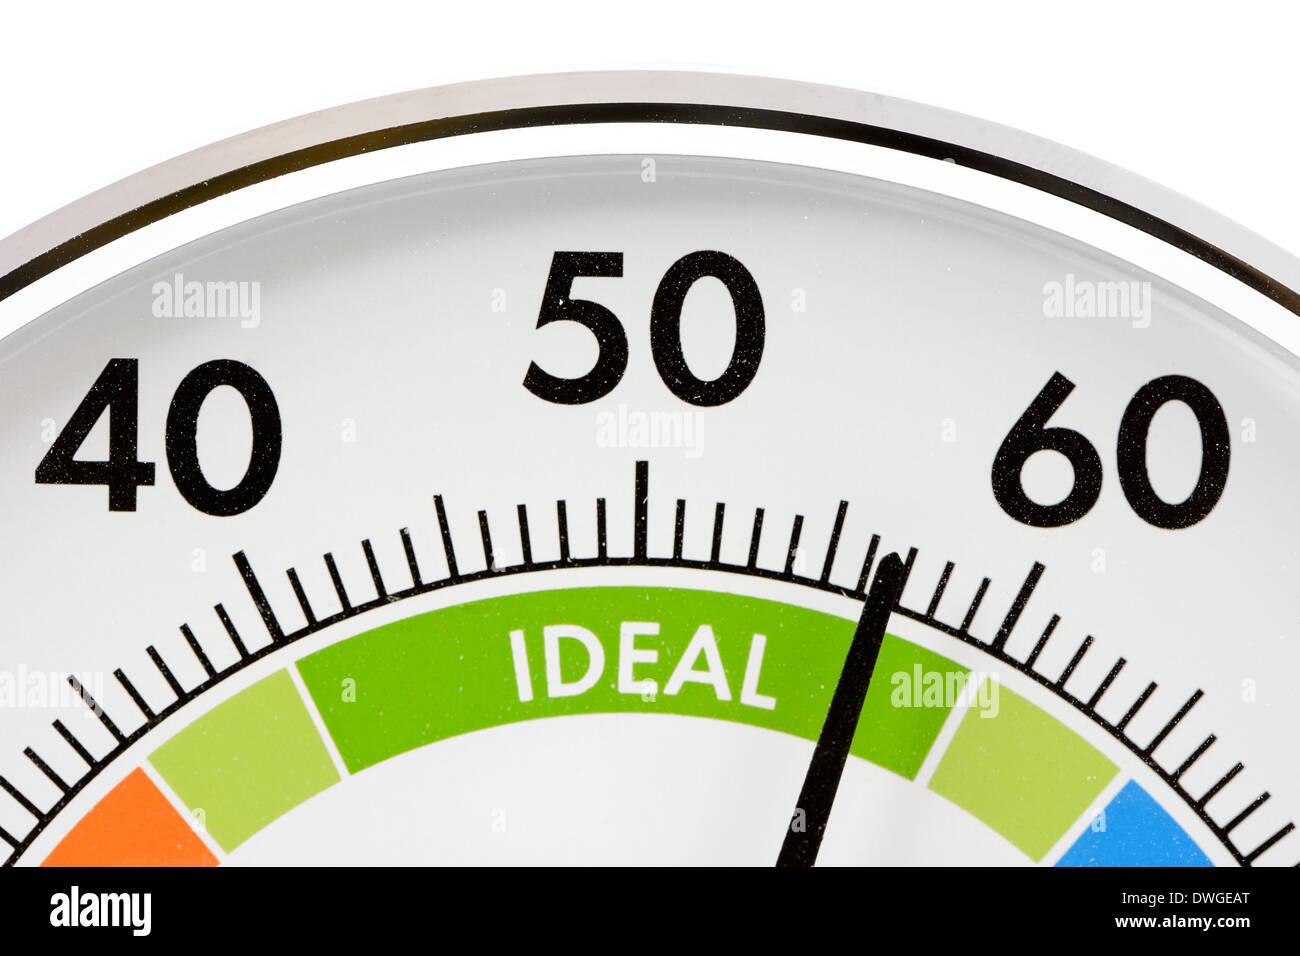 Luftfeuchtigkeit Ideal instrument ideal stockfotos & instrument ideal bilder - alamy